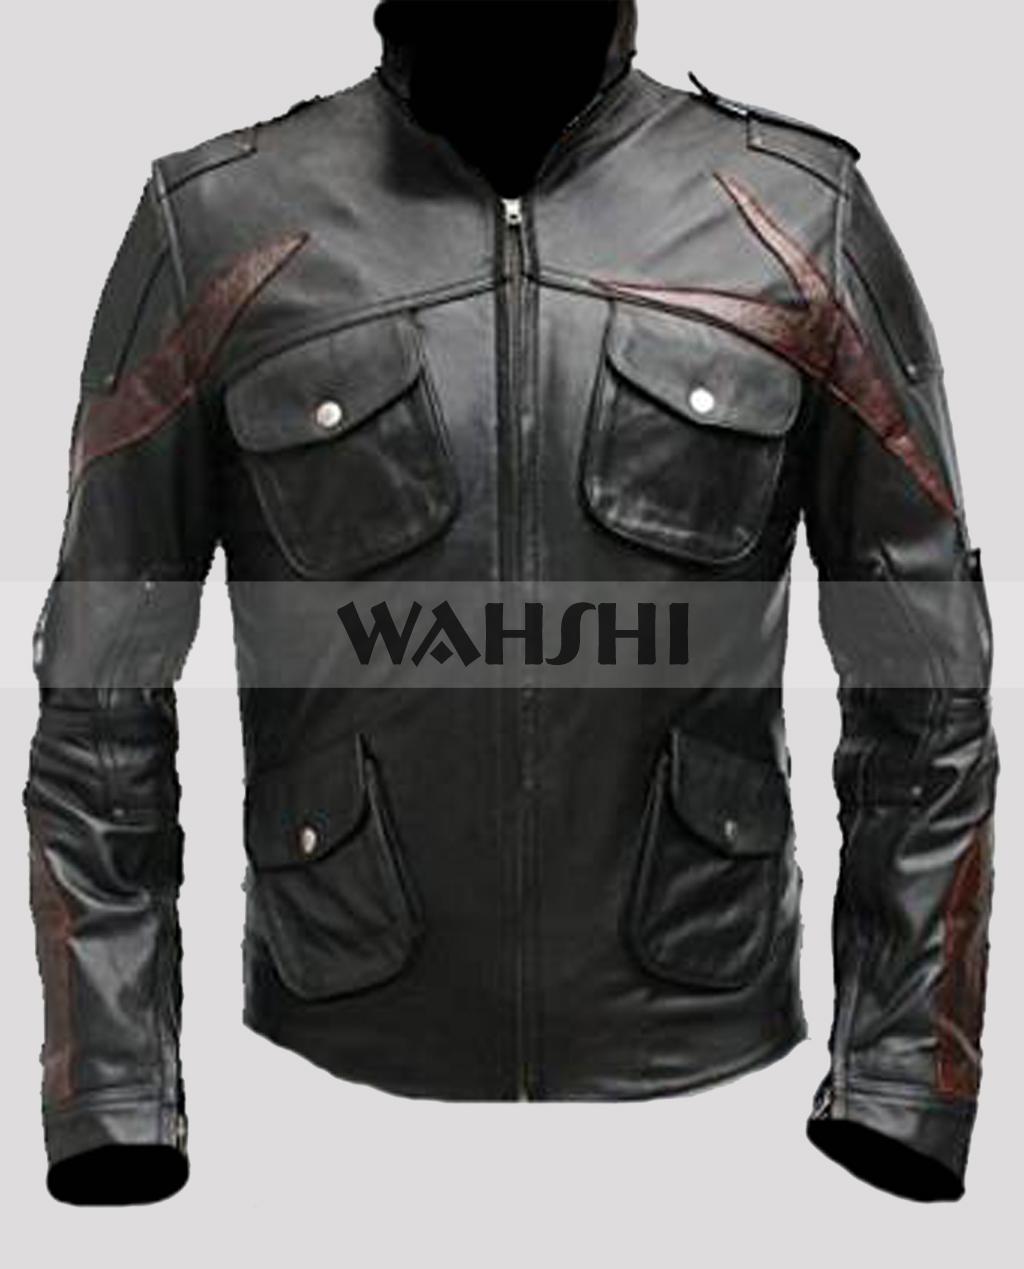 alex-mercer-james-heller-leather-jacket